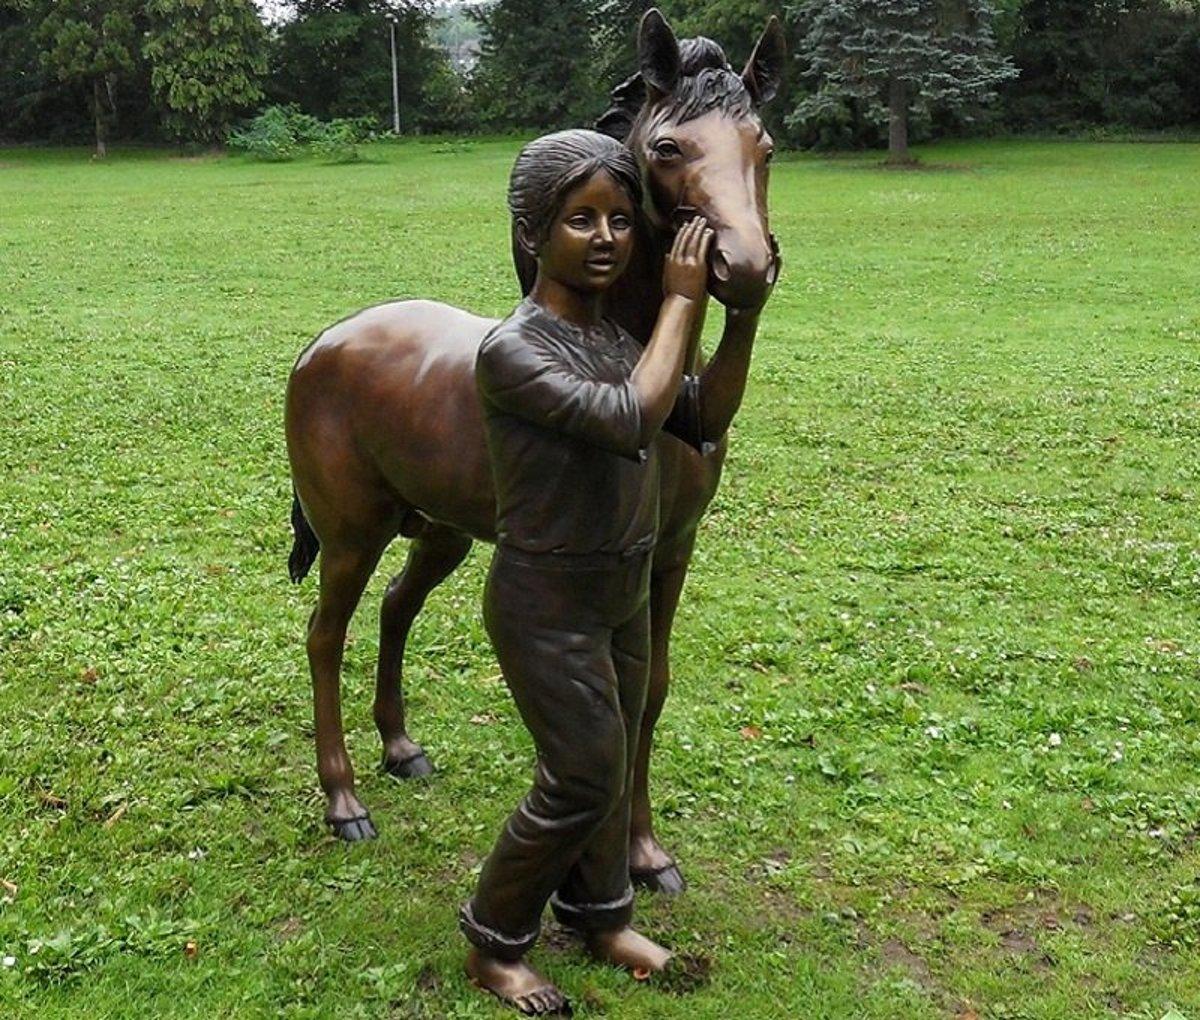 Tuinbeeld - groot bronzen beeld -  meisje met pony - Bronzartes